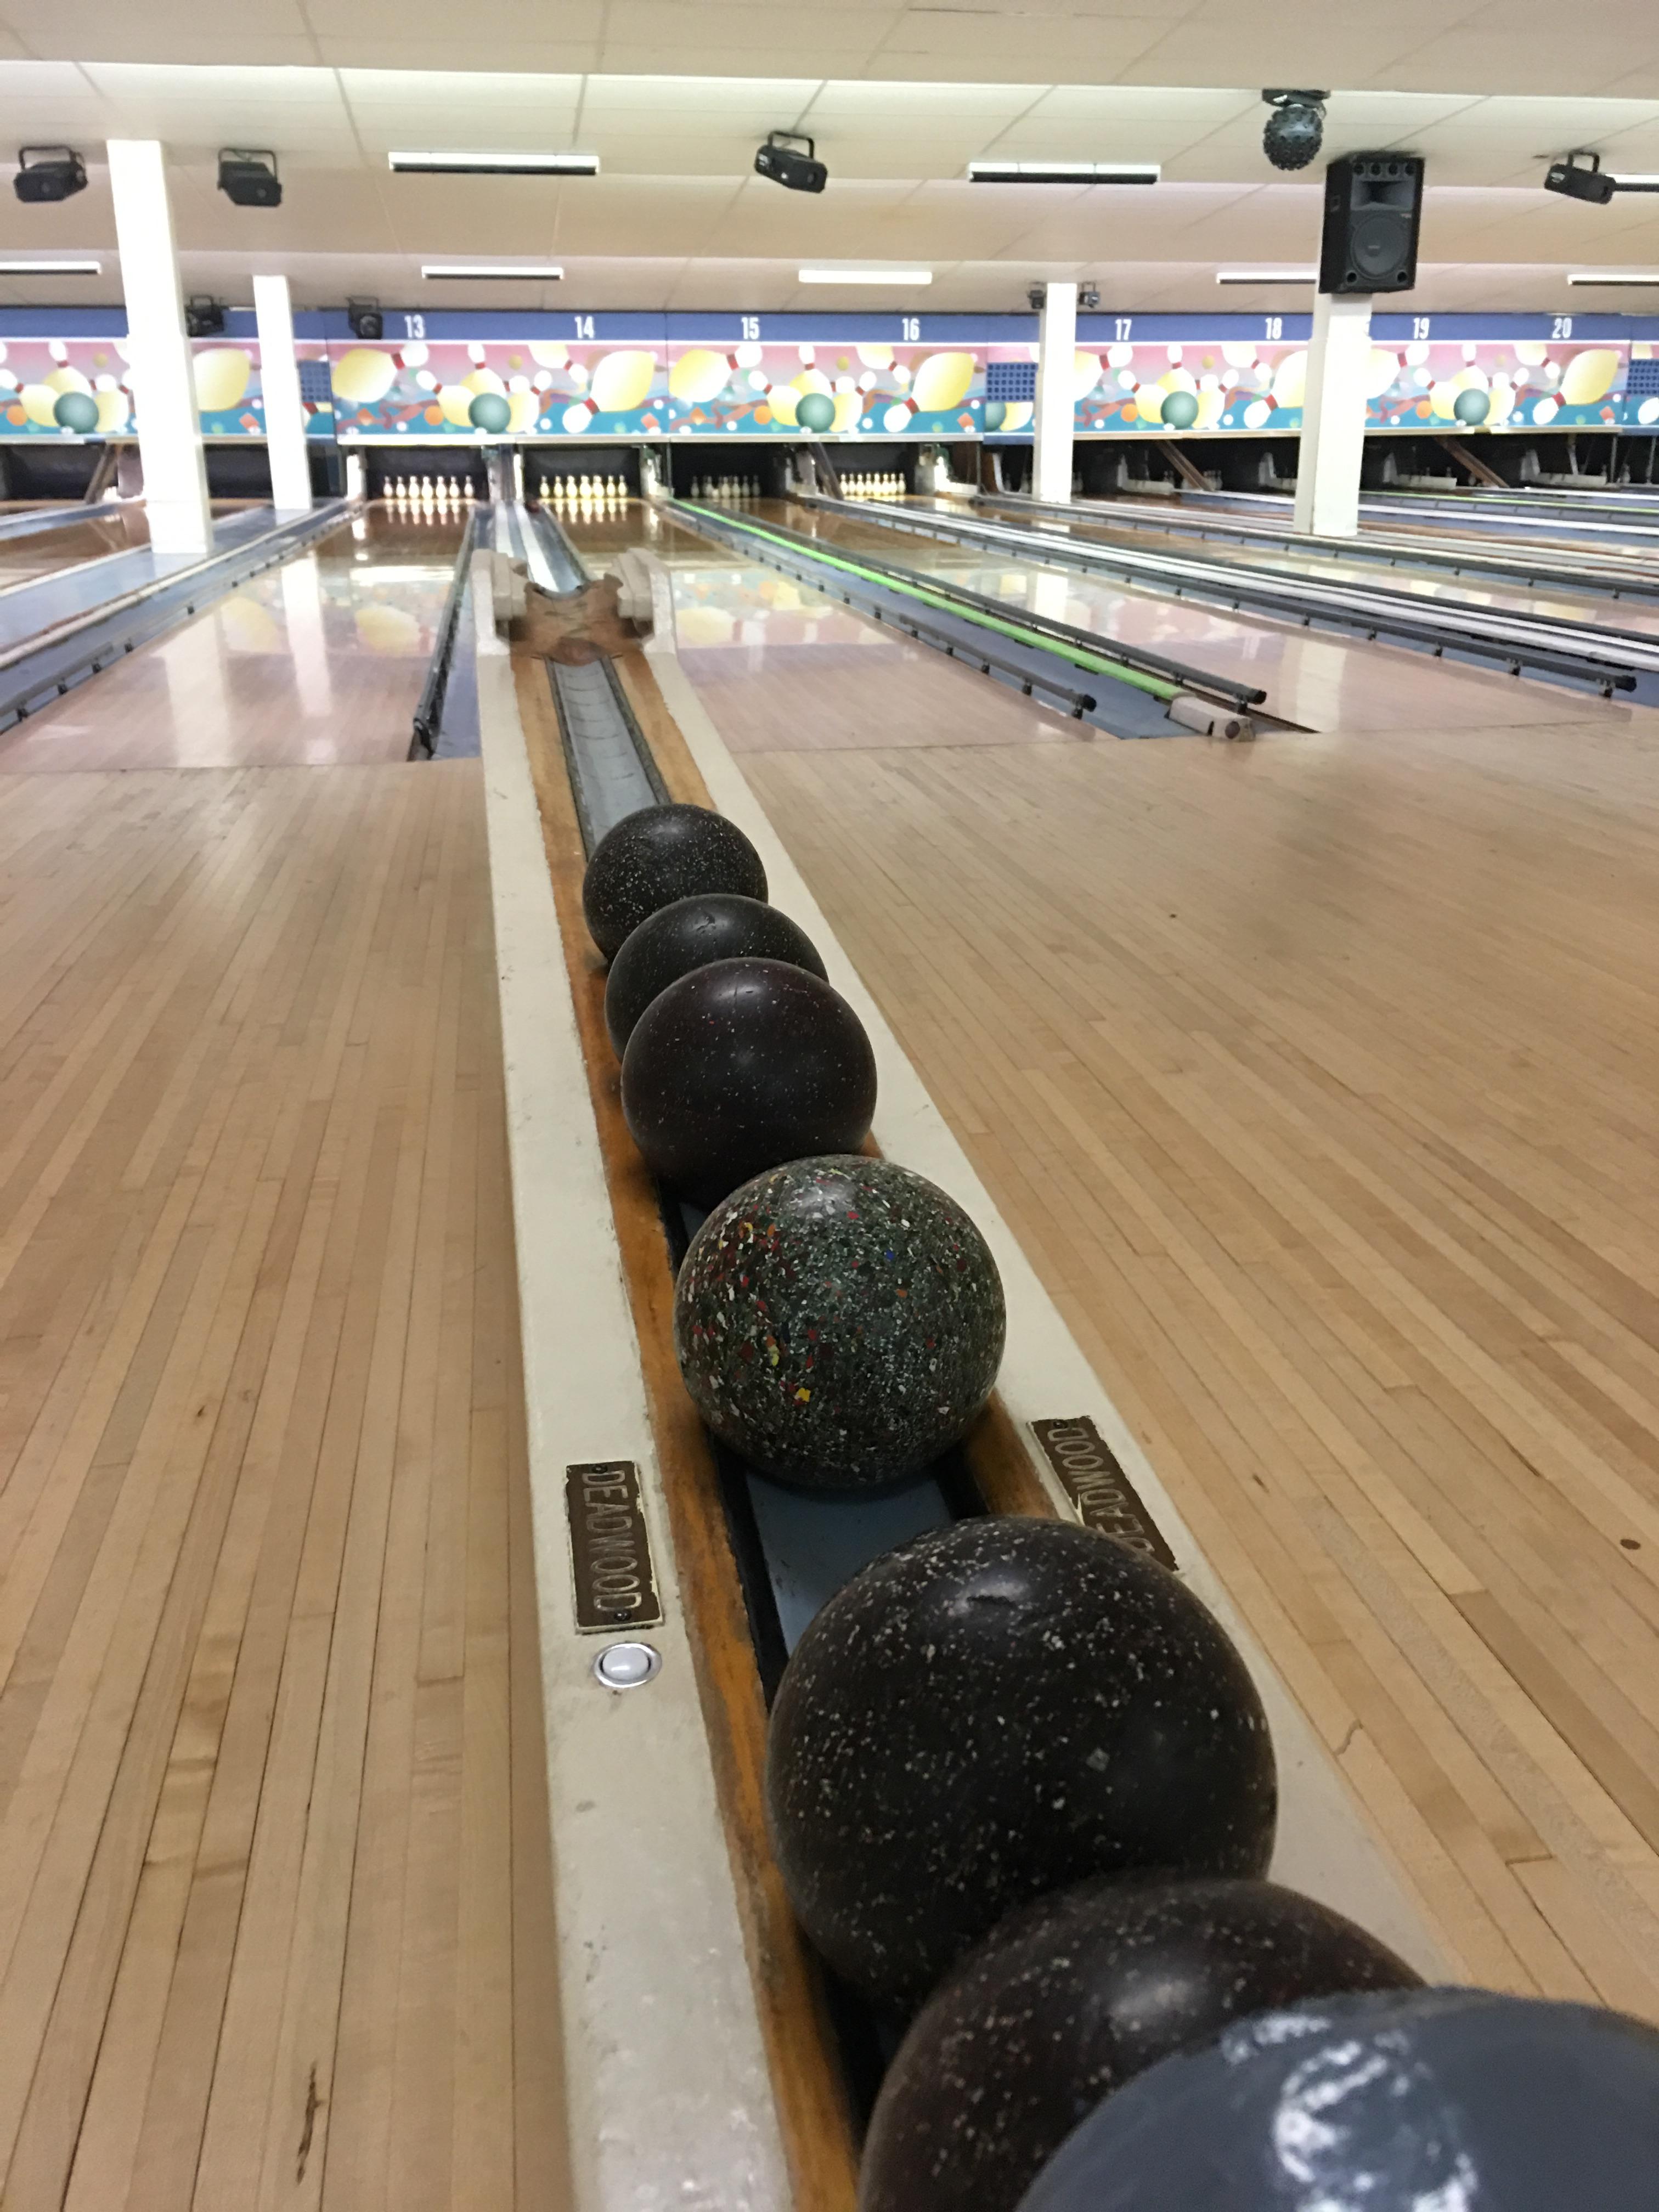 Duck pin bowling in White Oak, MD